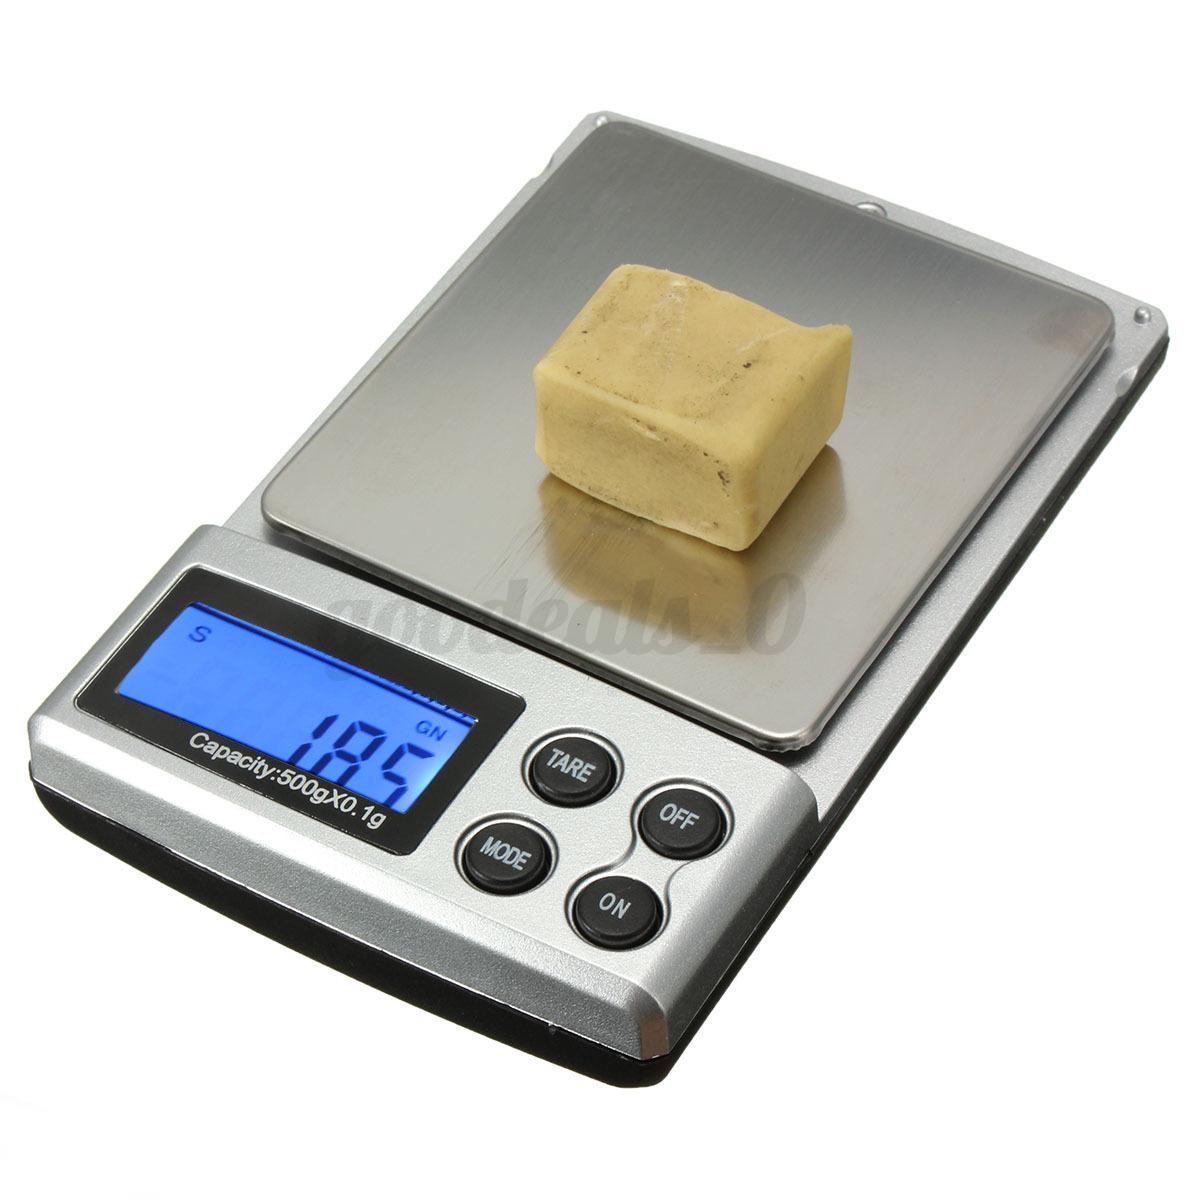 Balanza de cocina bascula digital pesa peso electronica for Balanza cocina 0 1 g